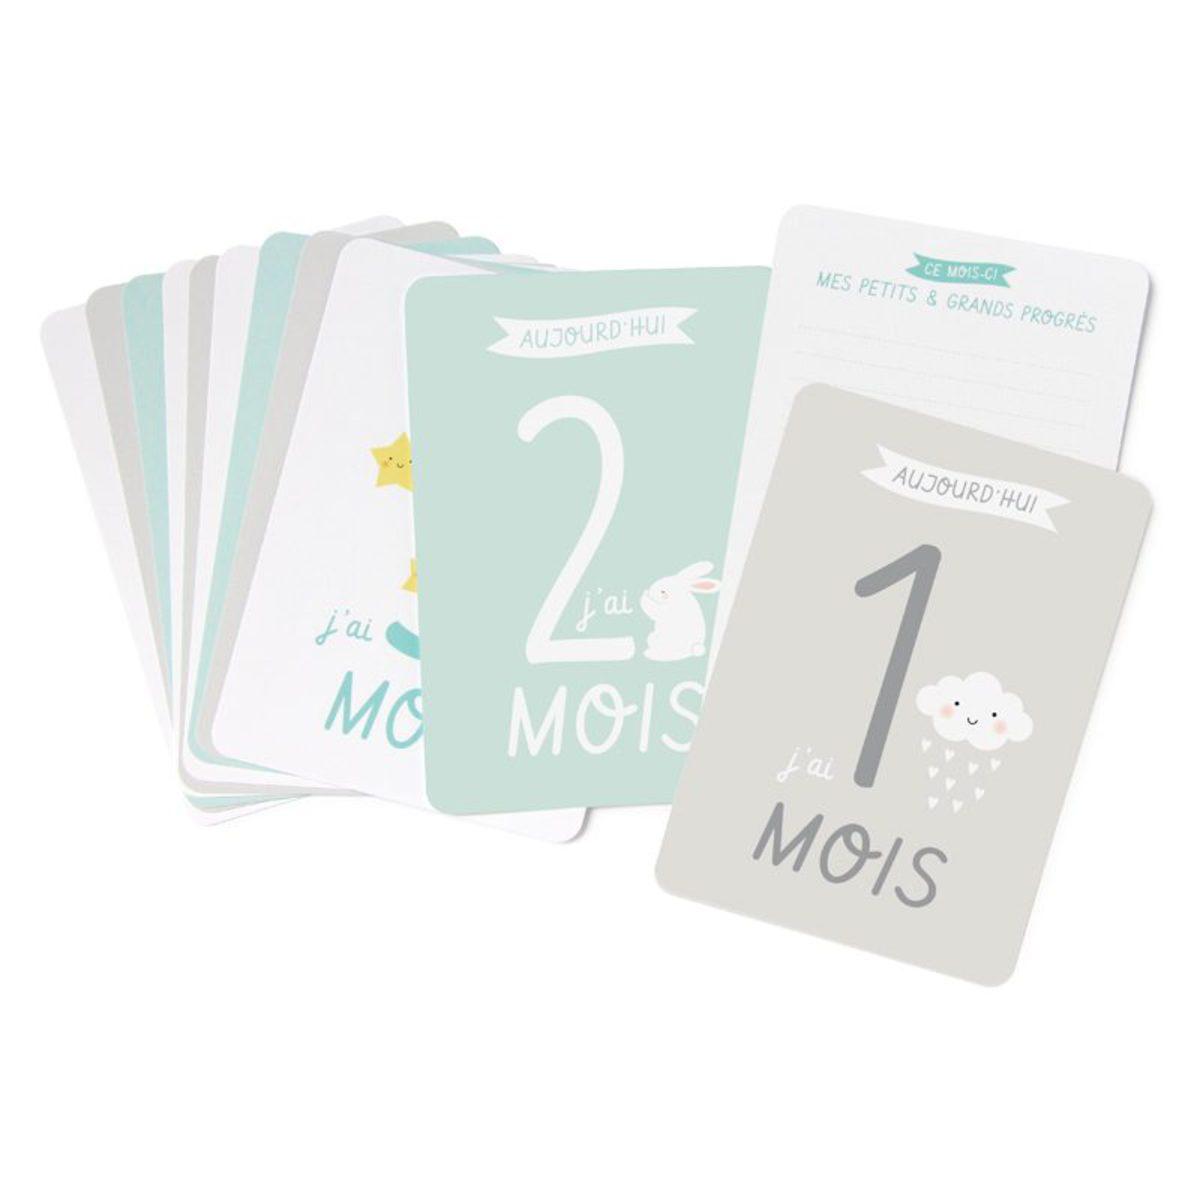 Livre & Carte Kit Cartes Premiers Mois de Bébé Kit Cartes Premiers Mois de Bébé